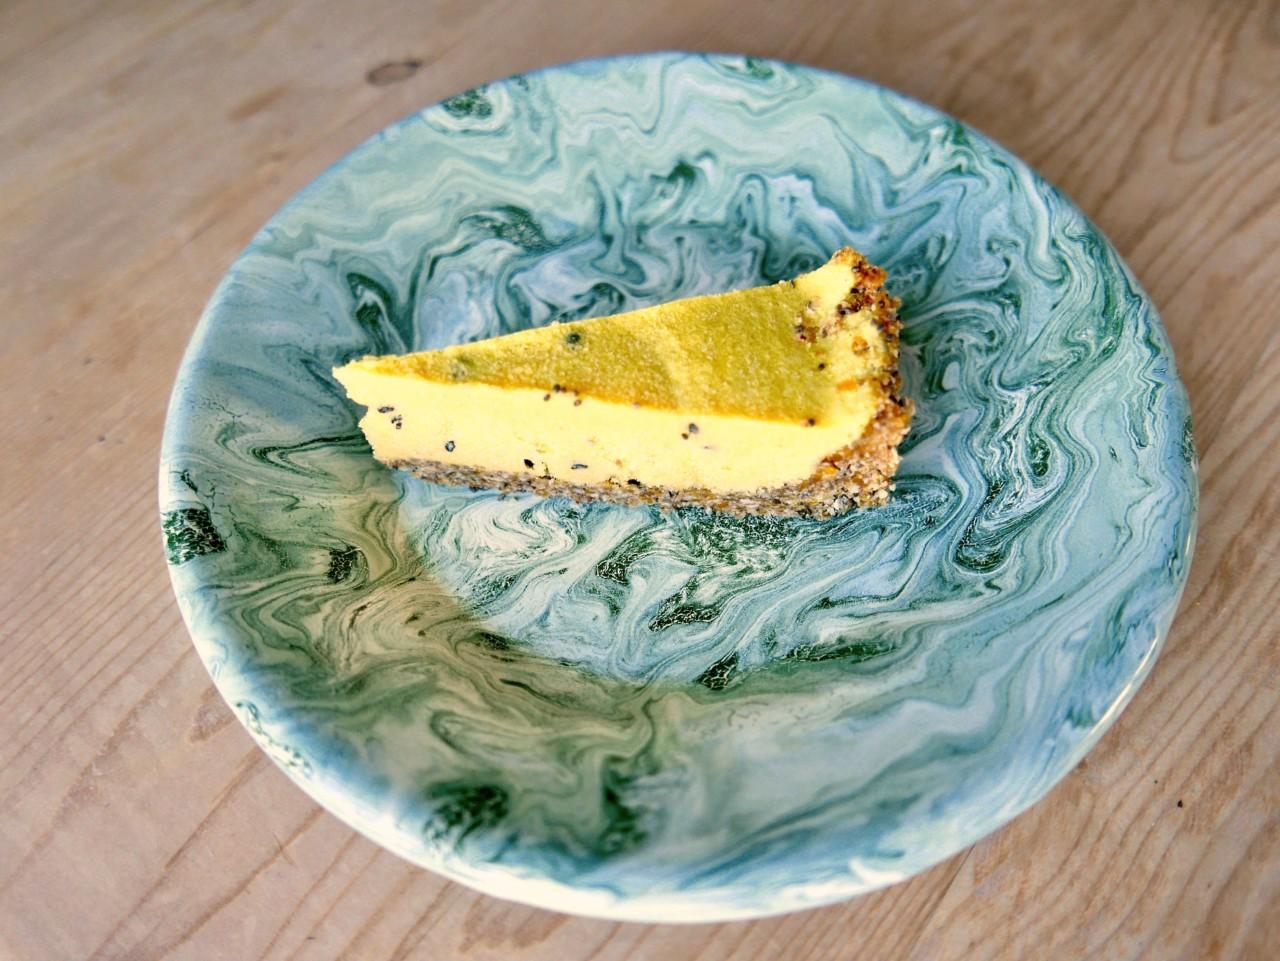 mango-kake-pasjonsfrukt-oslo-raw-cake-green-house